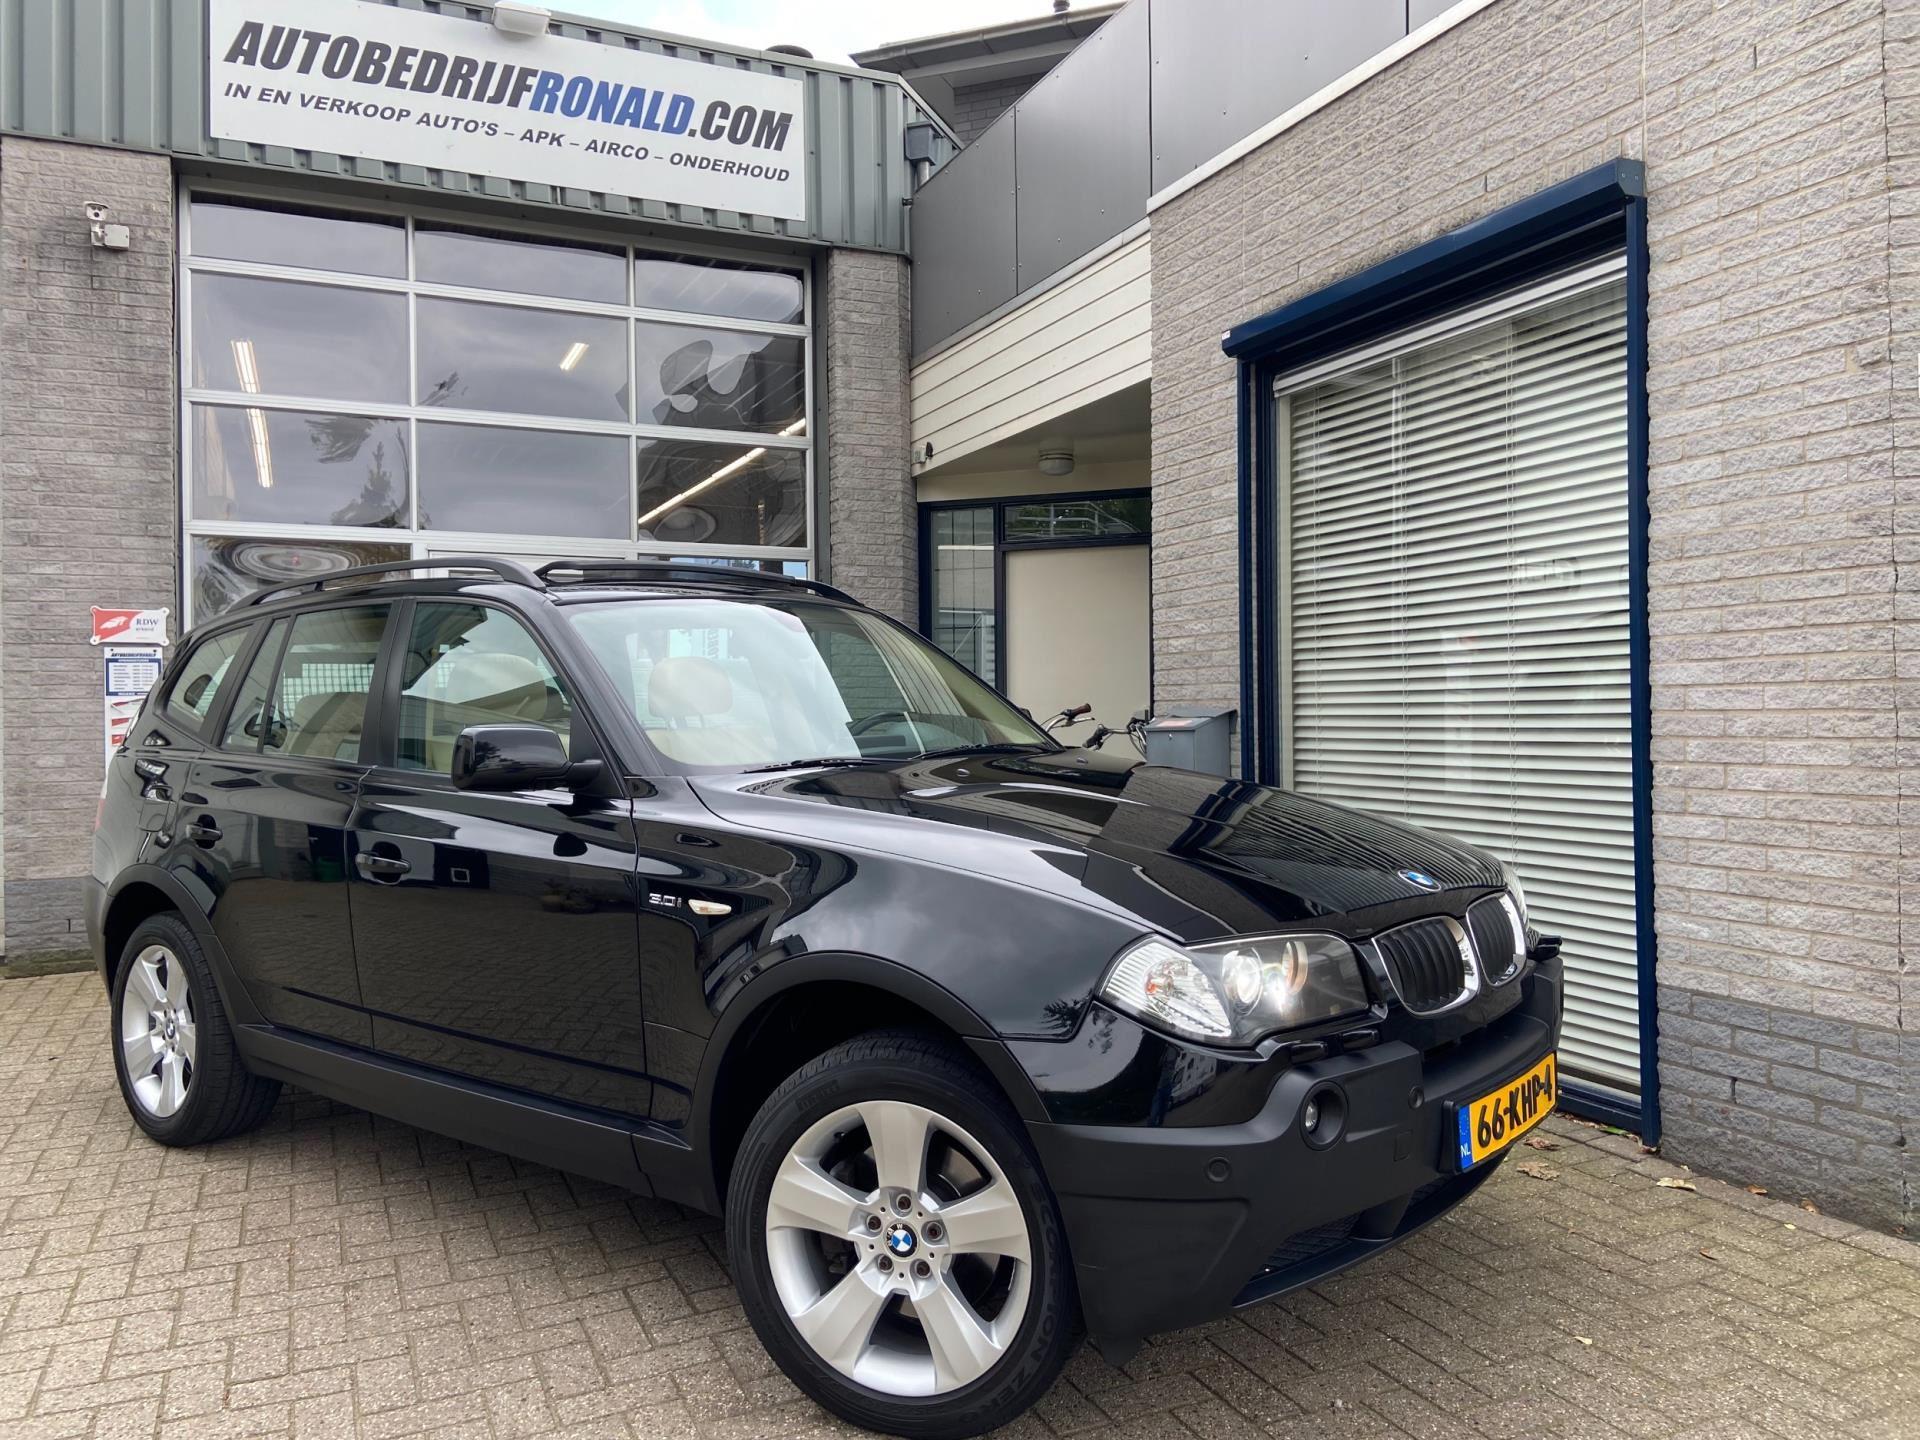 BMW X3 occasion - Autobedrijf Ronald